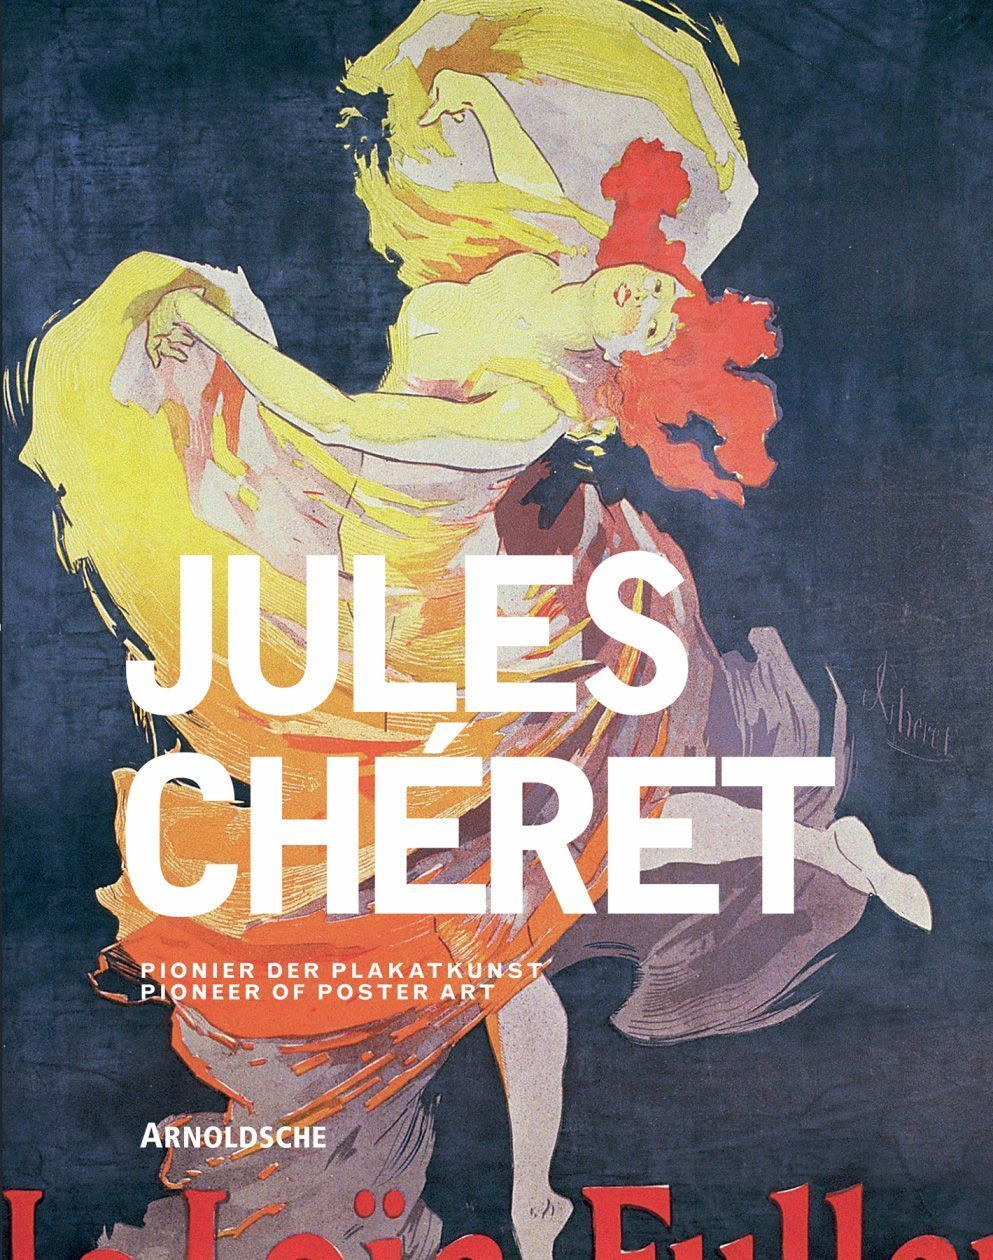 Michael Buhrs (Hg.): JULES CHÉRET. Pionier der Plakatkunst (Arnoldsche Art Publishers)